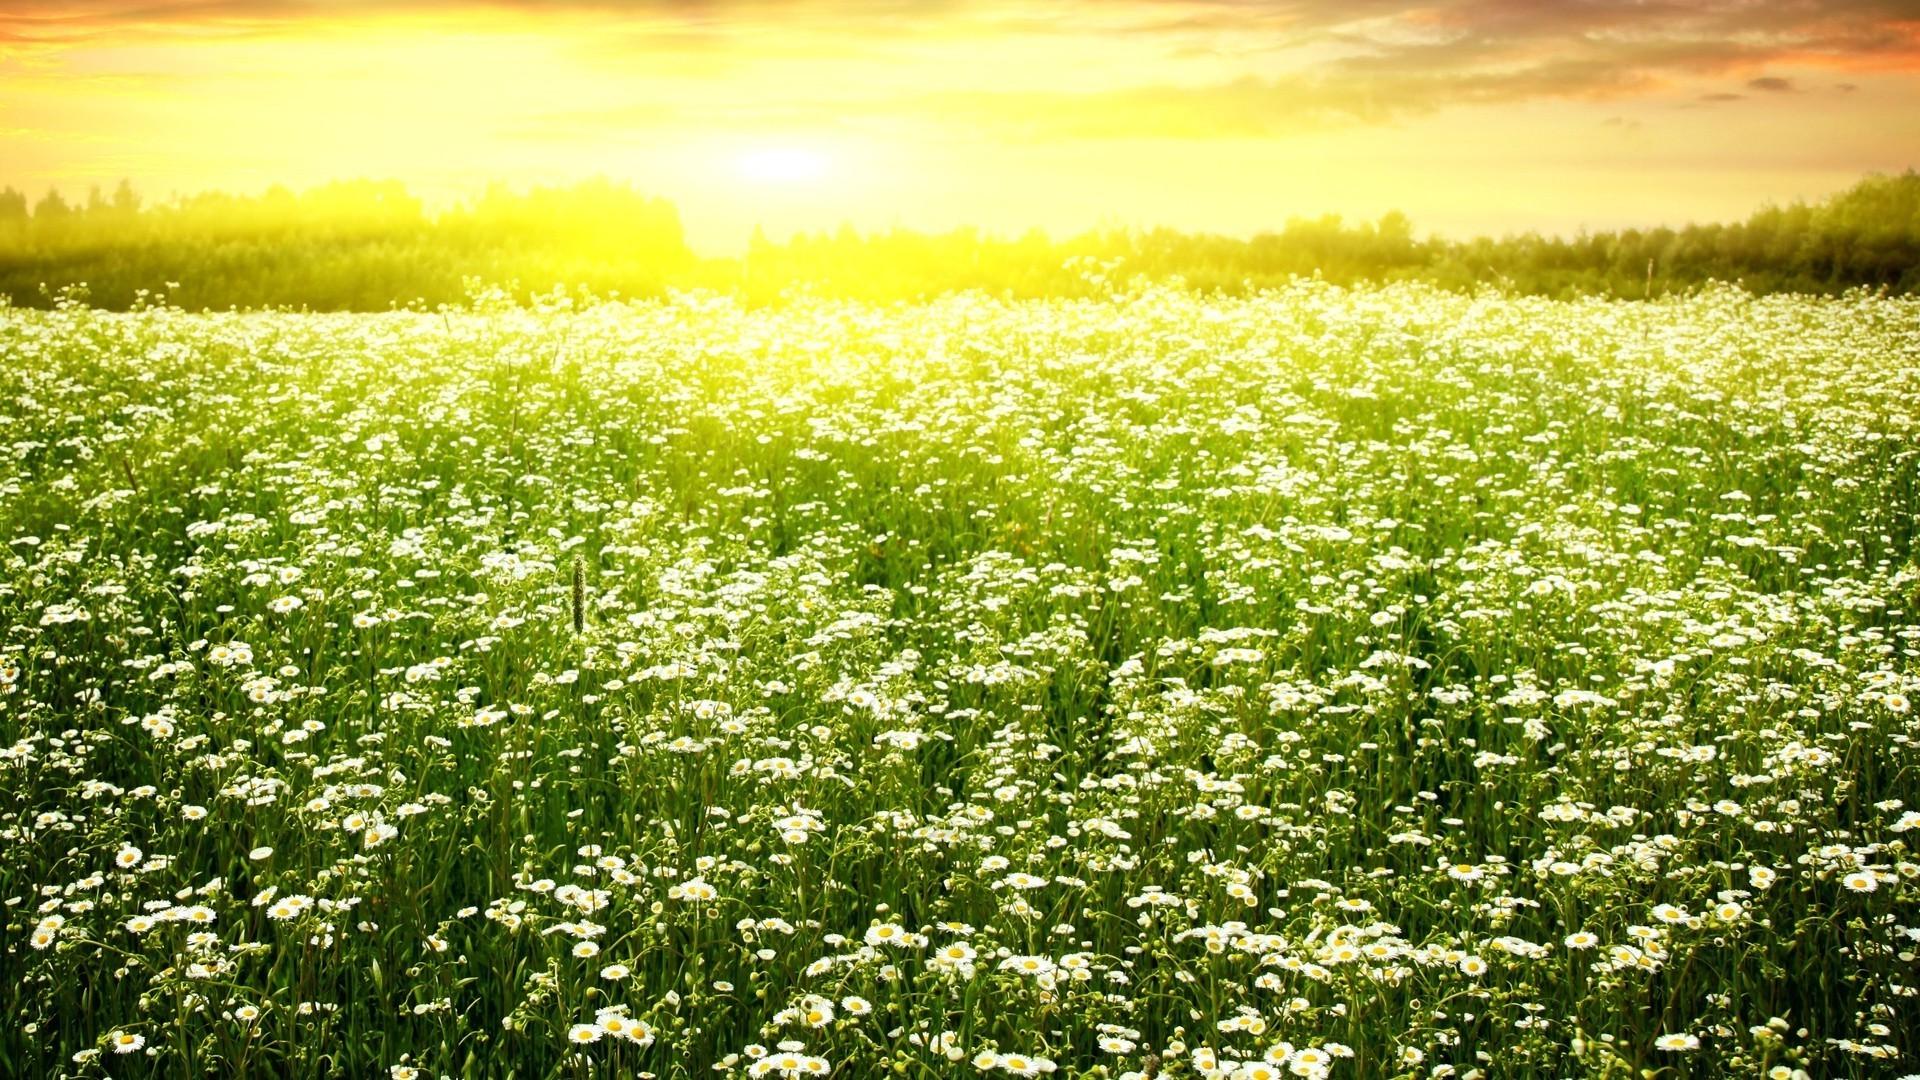 лес, лето, поляна, ромашка, солнце, трава загрузить